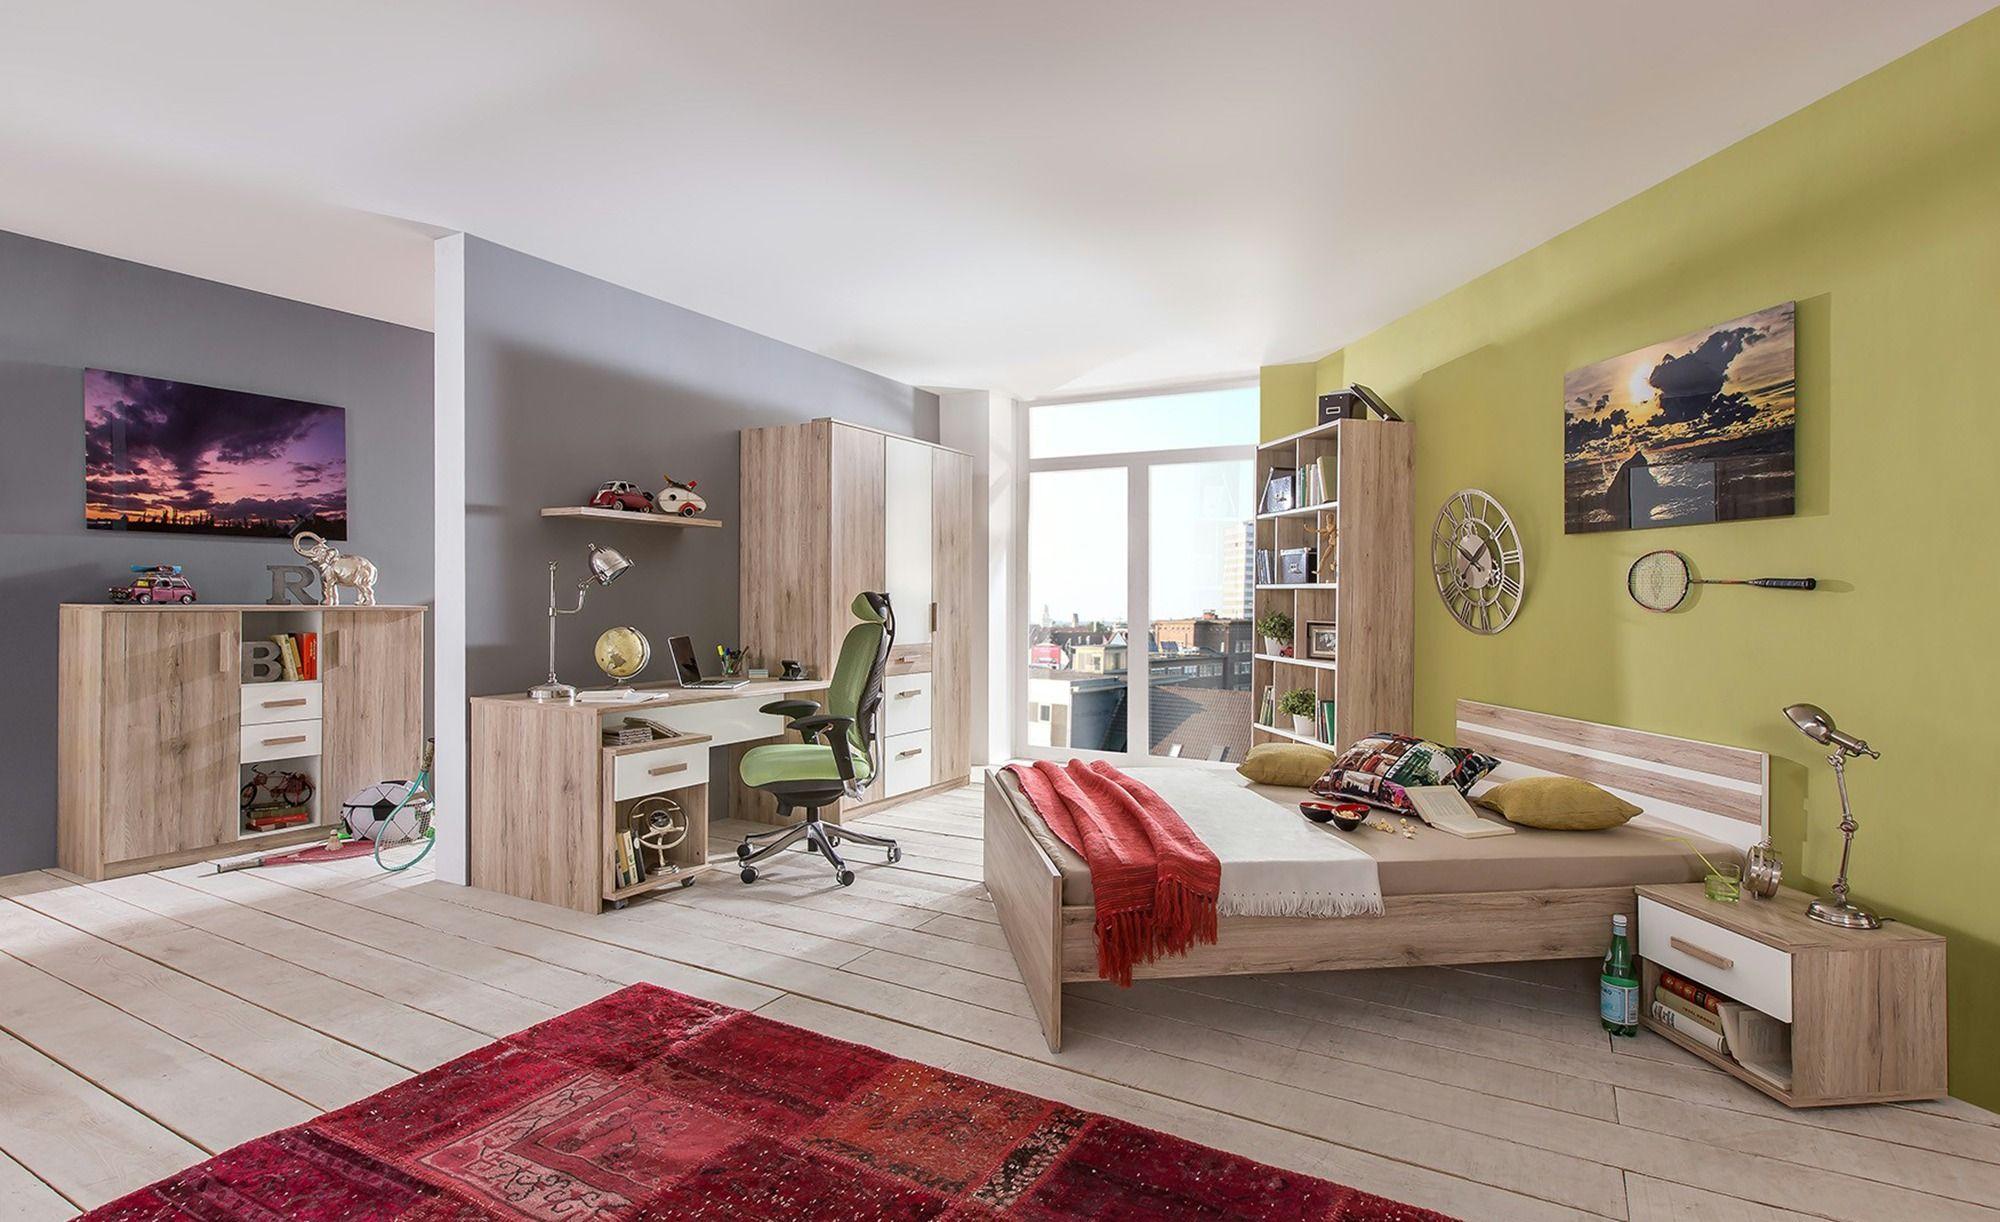 Wandboard Caja in 2020 Jugendzimmer, Kinderzimmer möbel